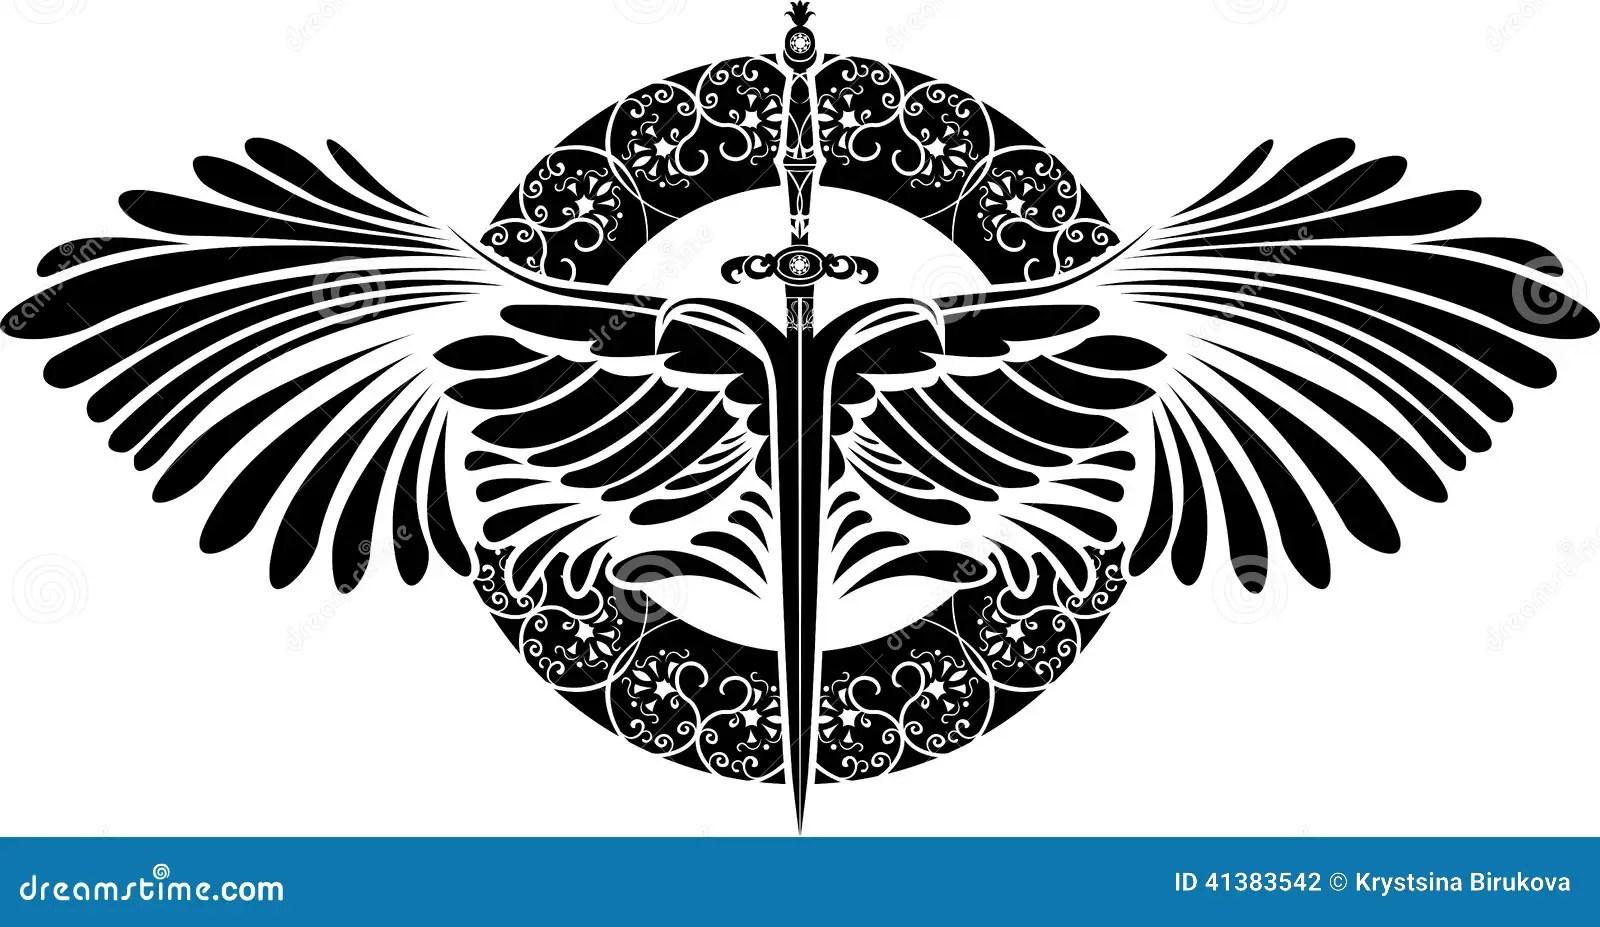 Simbolo Da Protecao Espada Com Asas Ilustracao Do Vetor